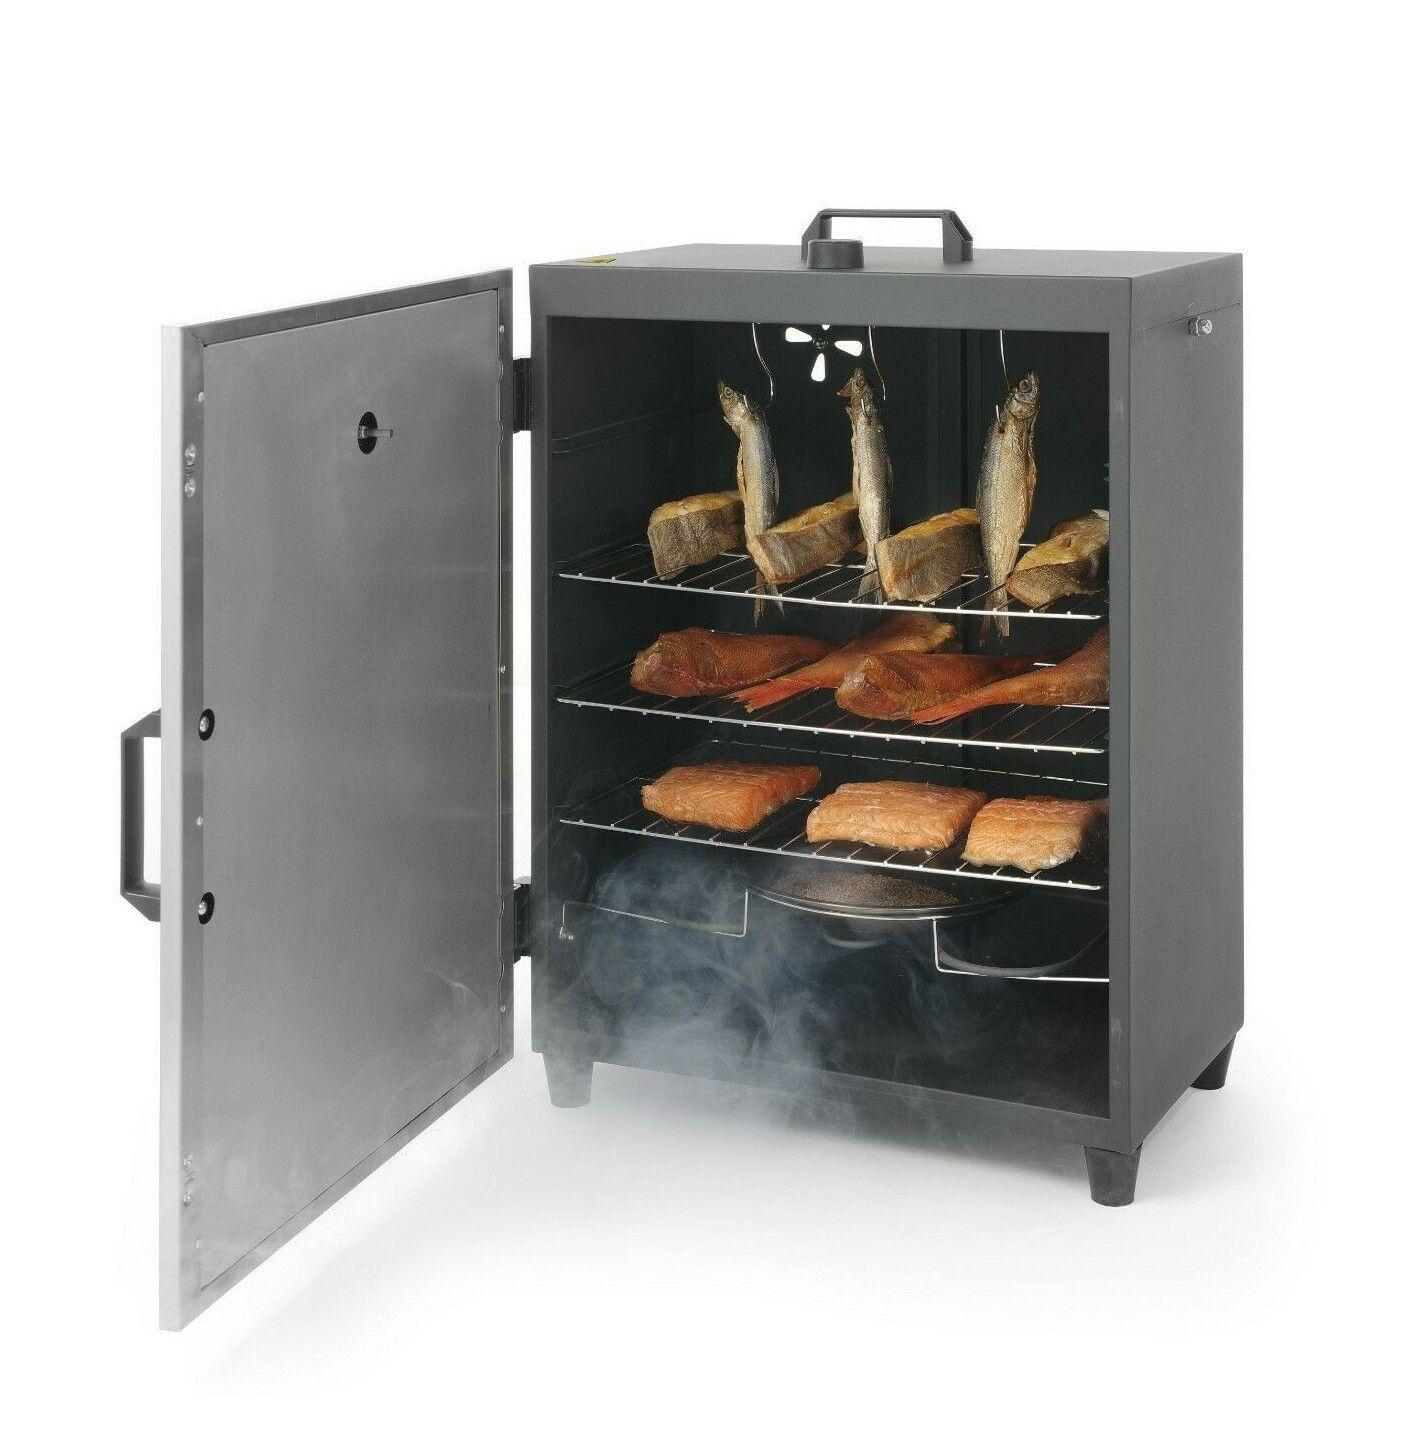 Hendi räucherofen elettricamente räucherschrank ristoranti affumiautoe forno in acciaio inox